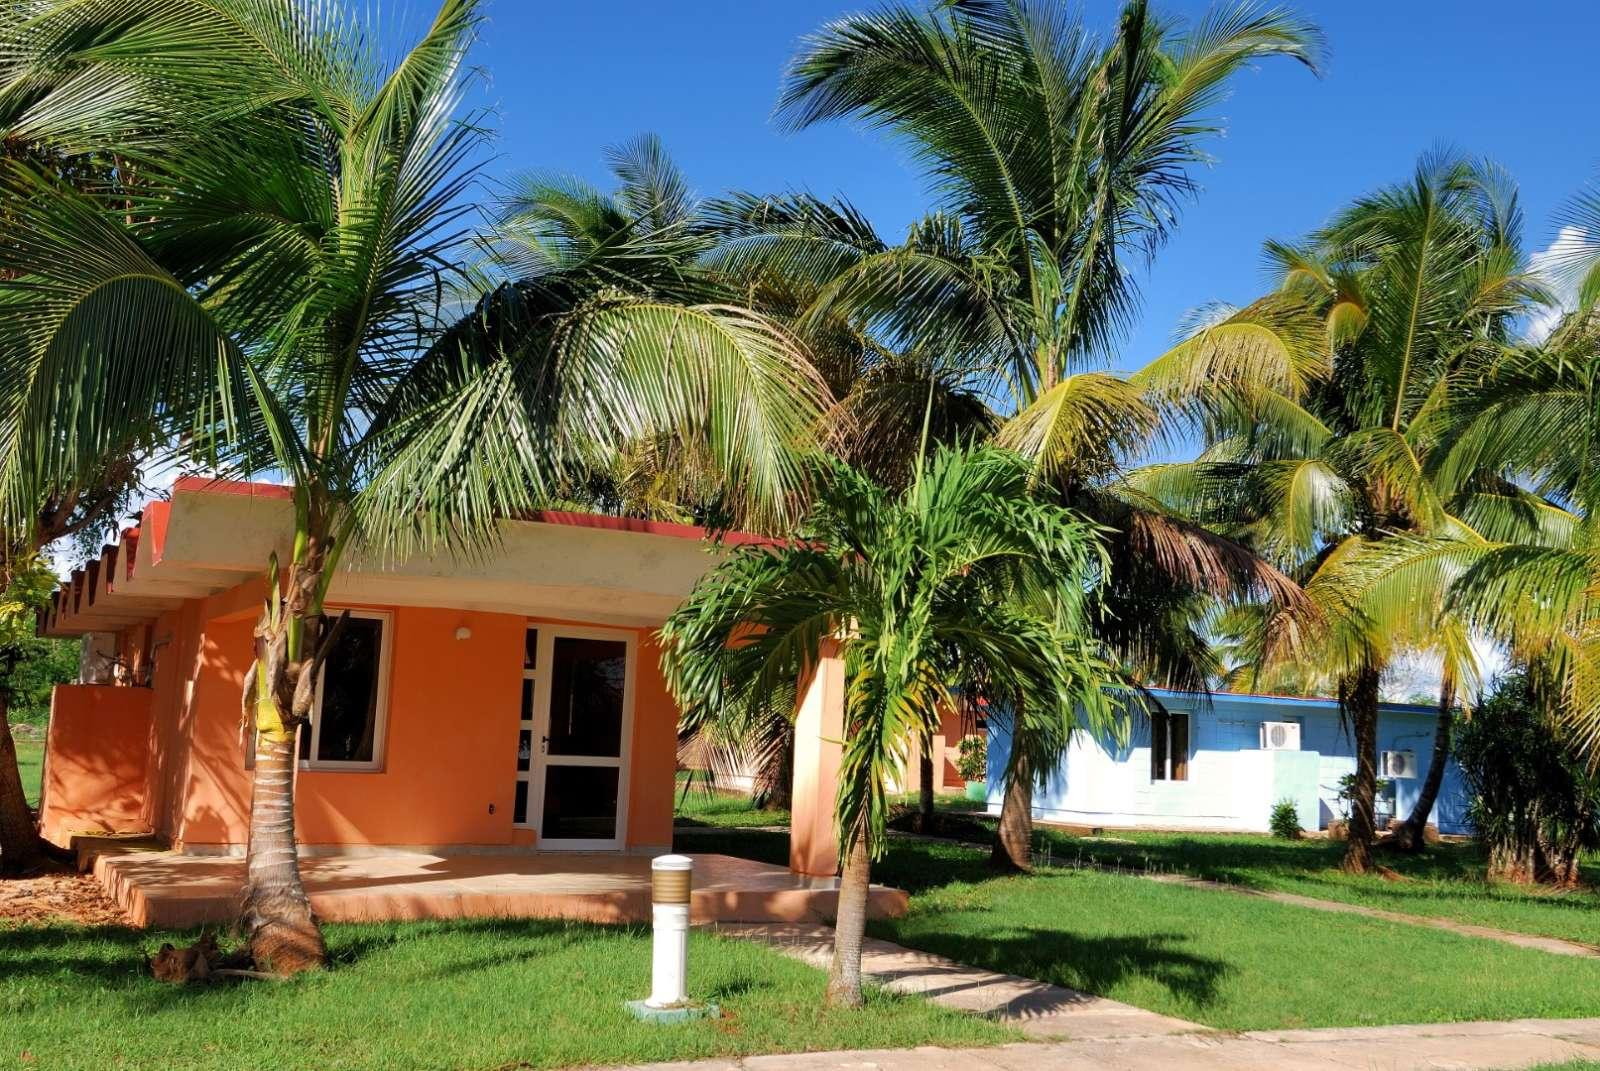 Chalet at Hotel Playa Larga